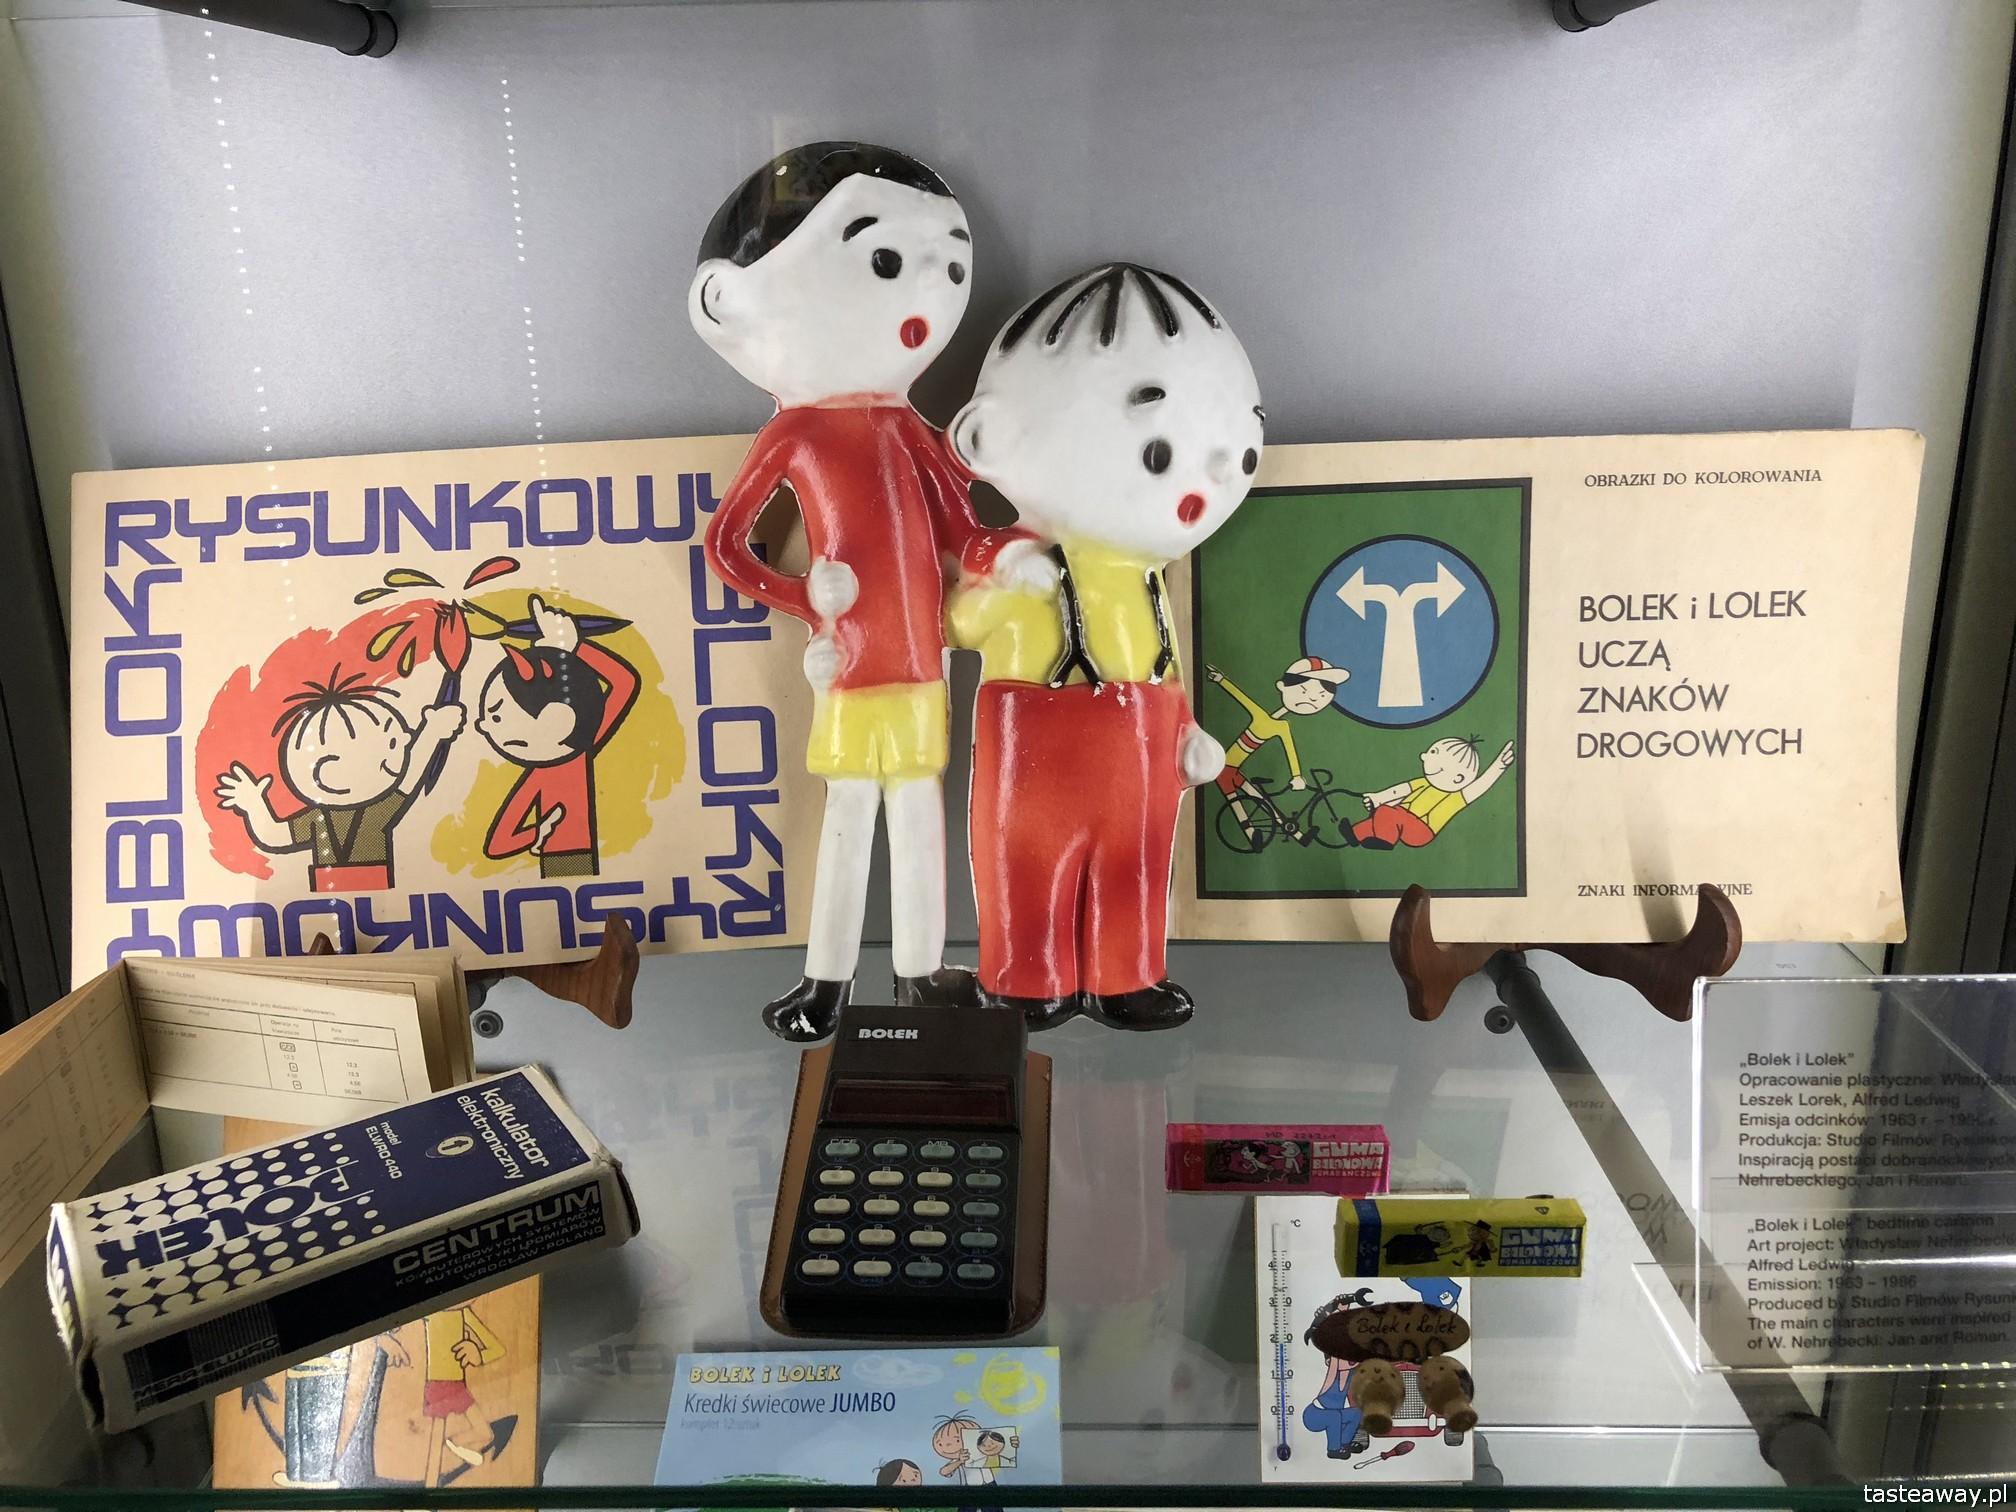 Rzeszów, co zobaczyć w Rzeszowie, Podkarpackie, rynek w Rzeszowie, podróżowanie z dziećmi, co robić z dziećmi w Rzeszowie, Muzeum Dobranocek